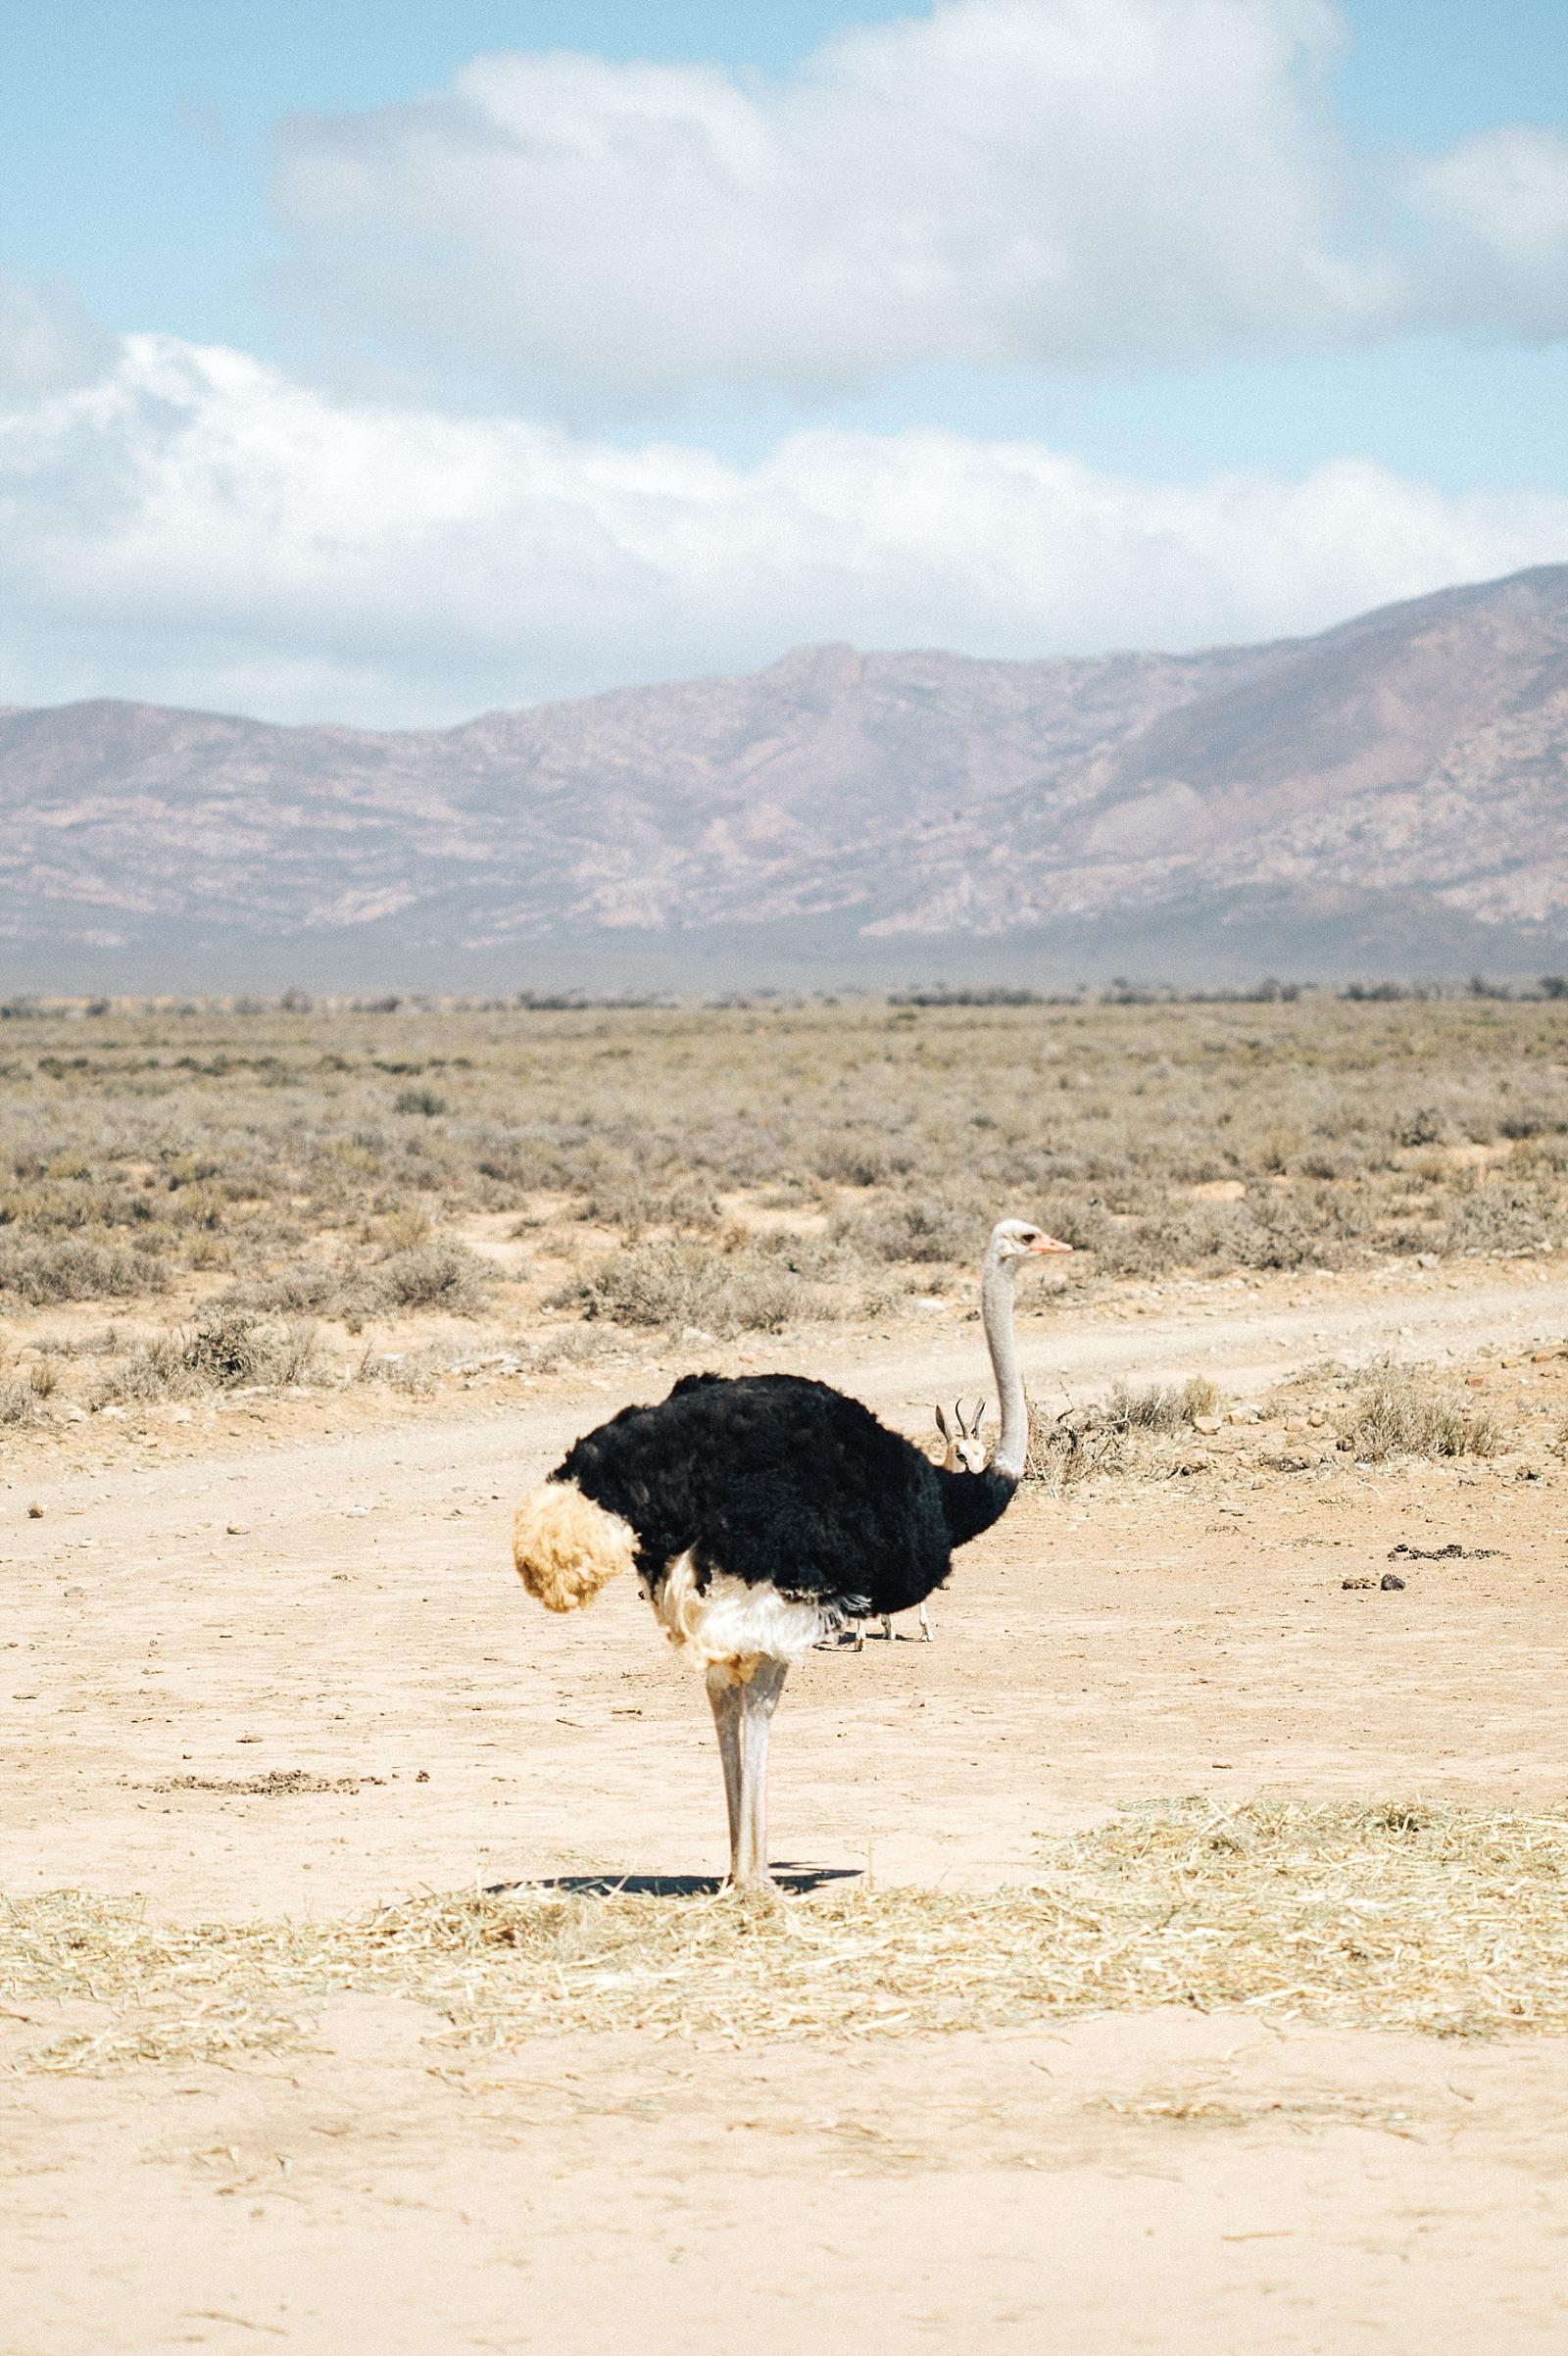 réserve d' Inverdoorn Cape town afrique du sud